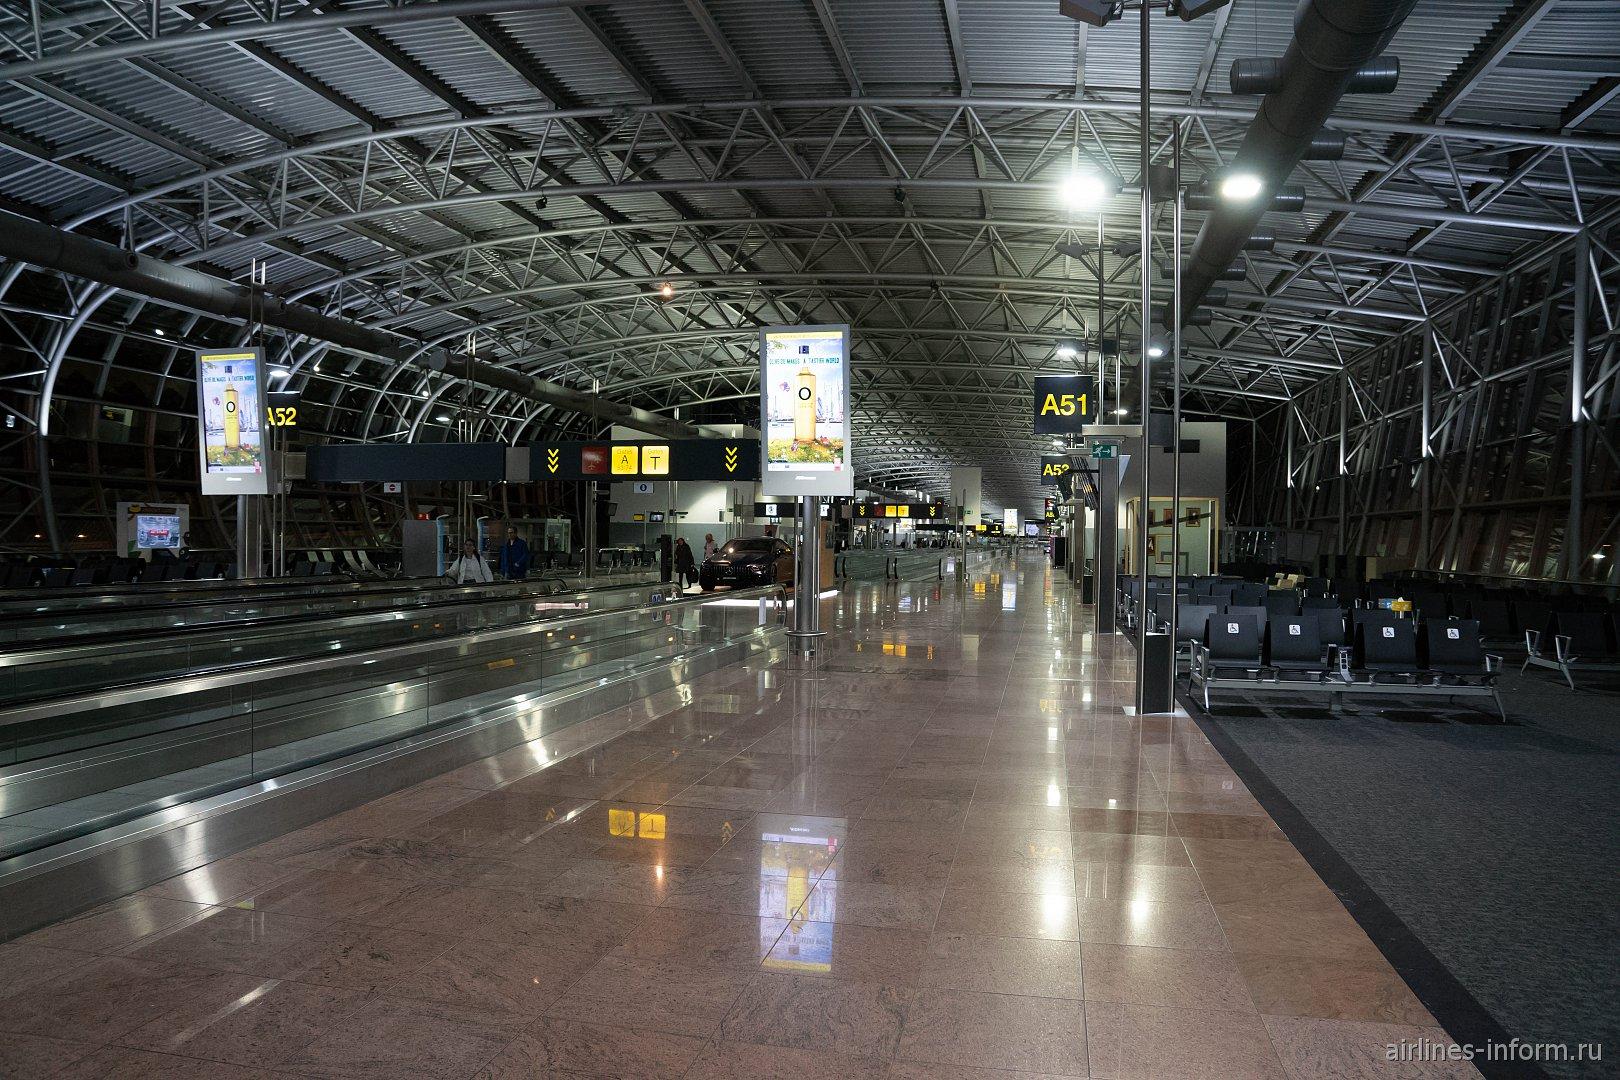 Зона выходов на посадку в аэропорту Брюссель-Националь